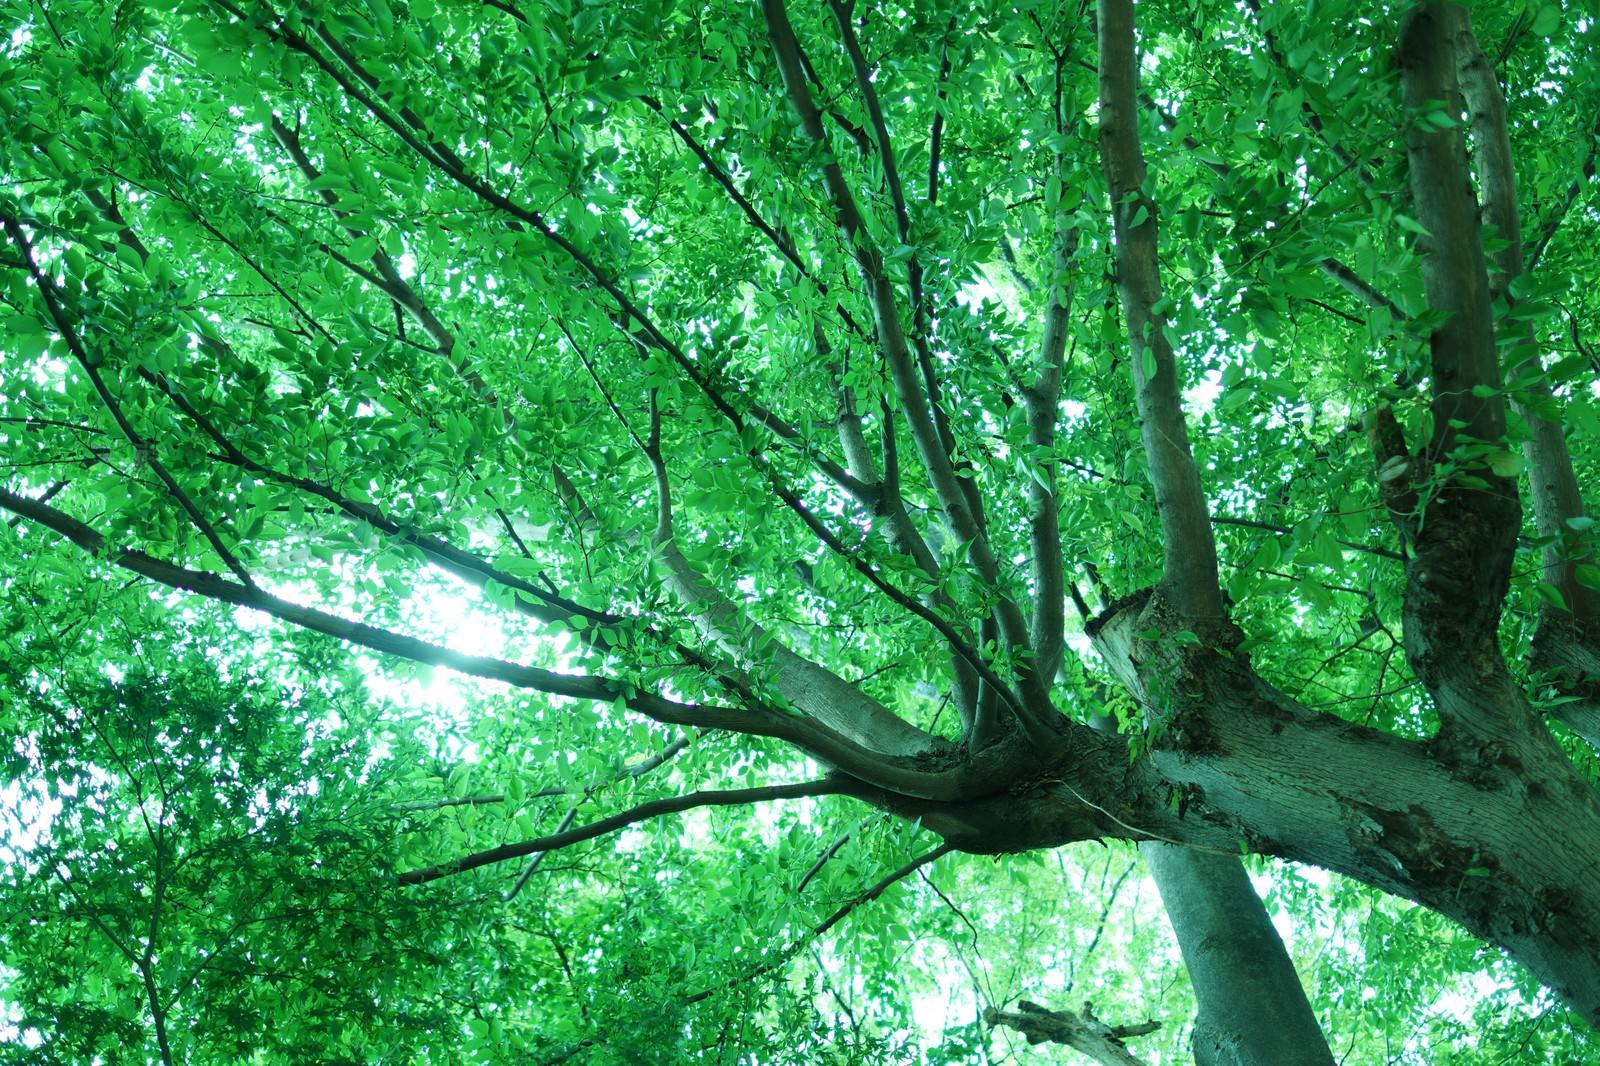 「下から見た緑の木下から見た緑の木」のフリー写真素材を拡大